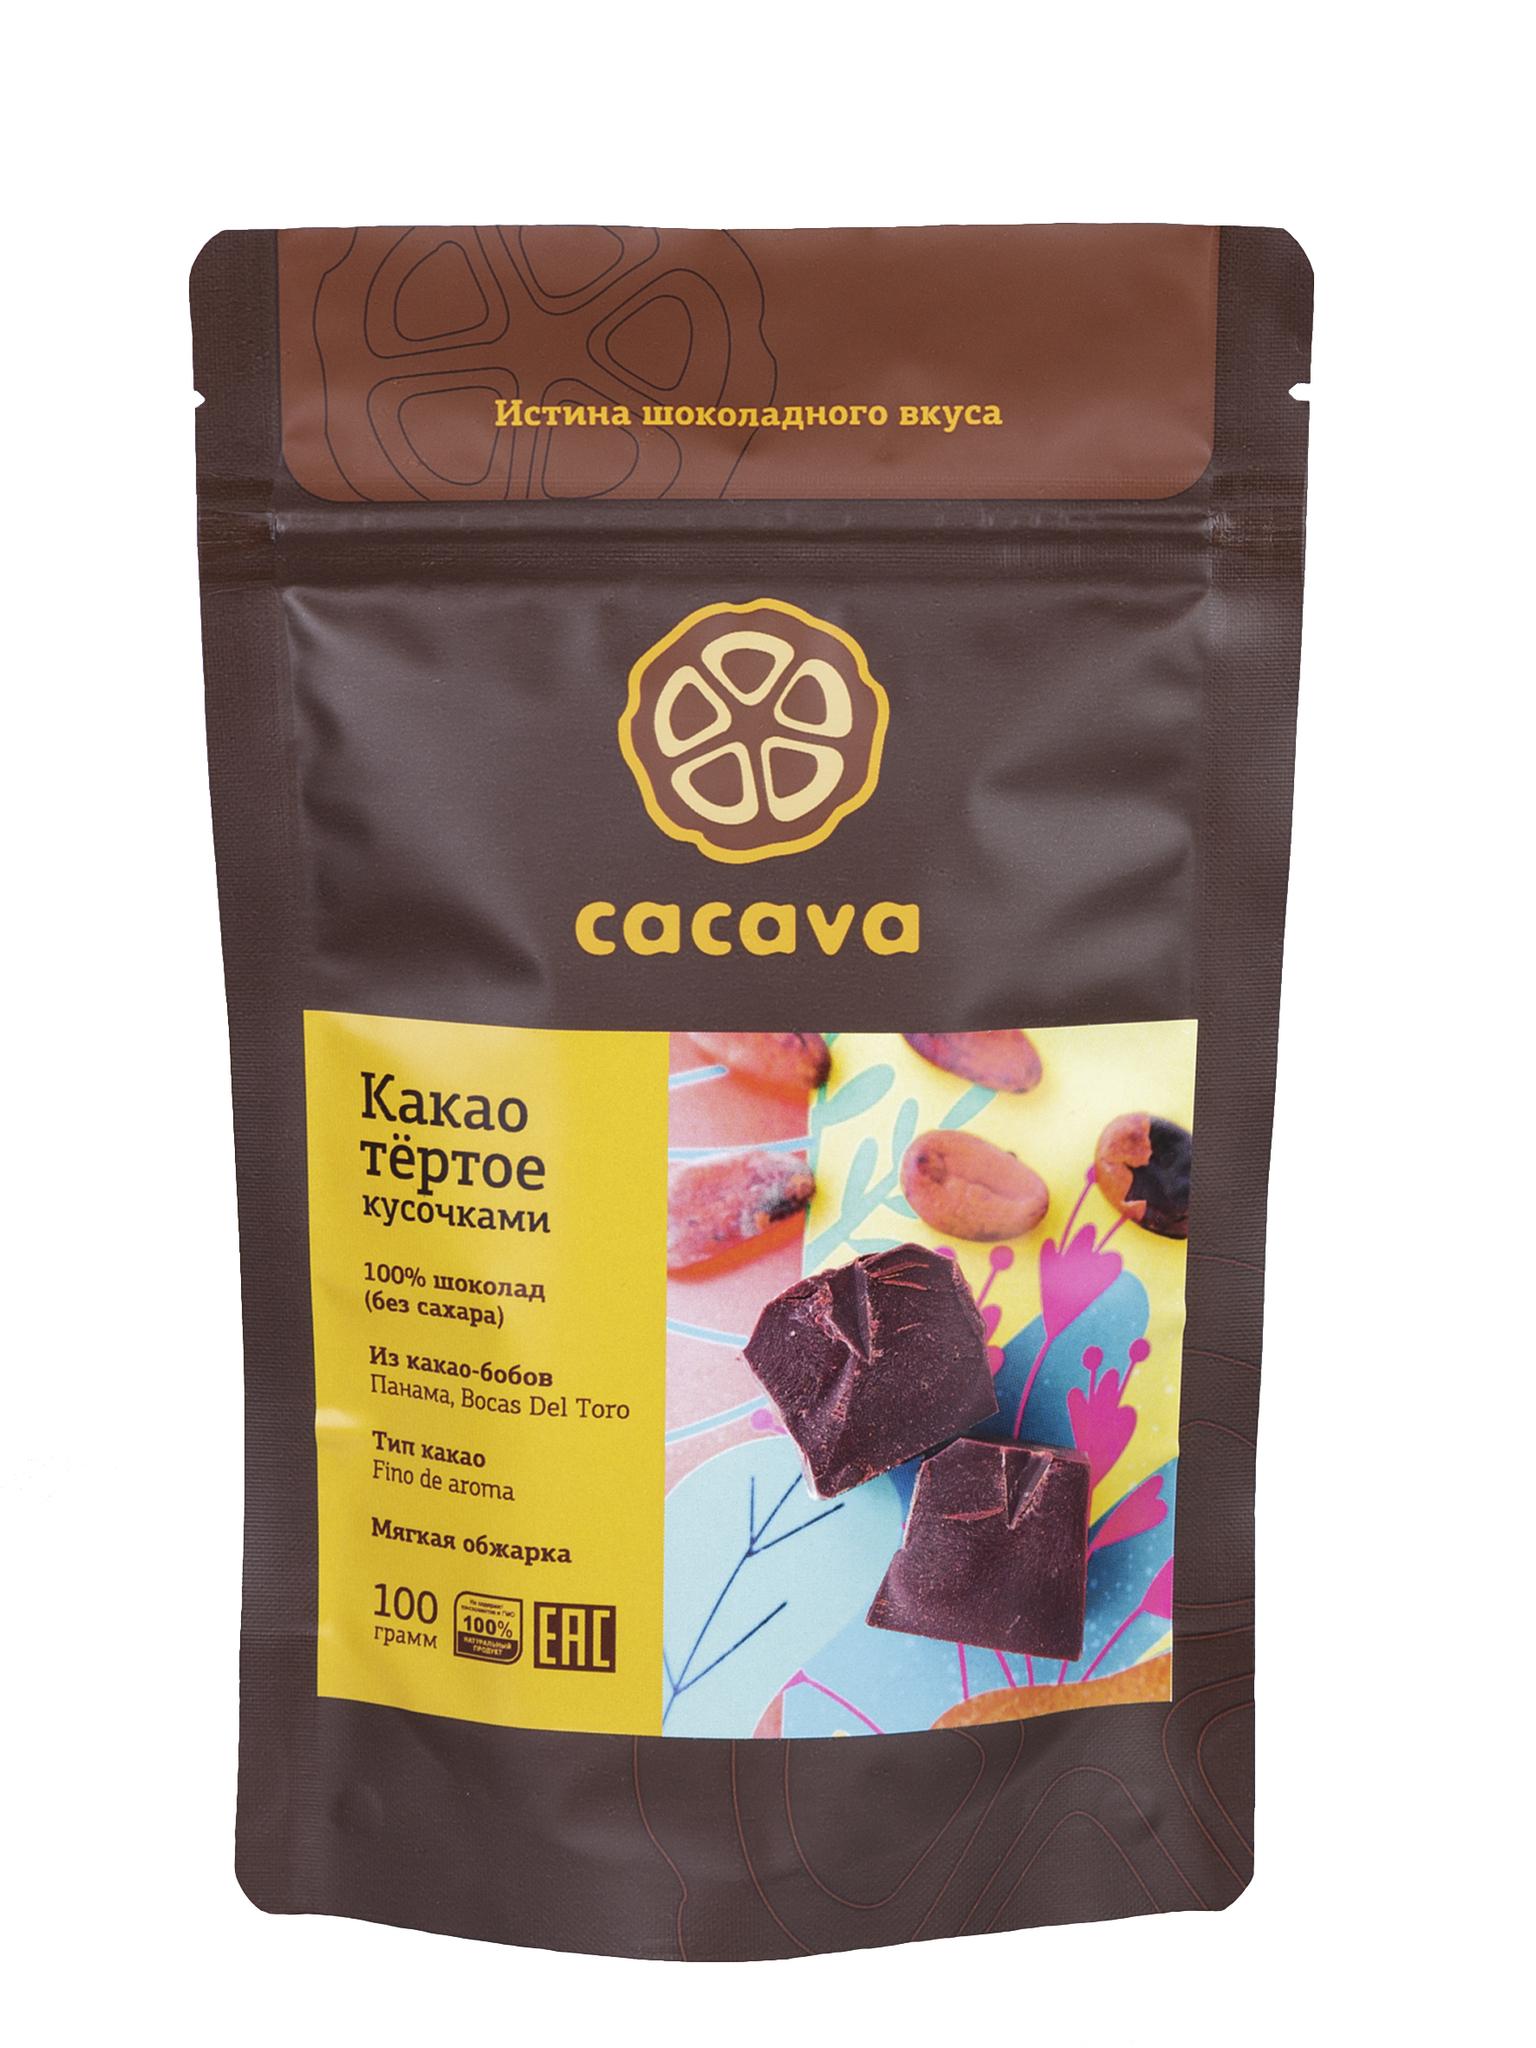 Какао тёртое кусочками (Панама), упаковка 100 грамм